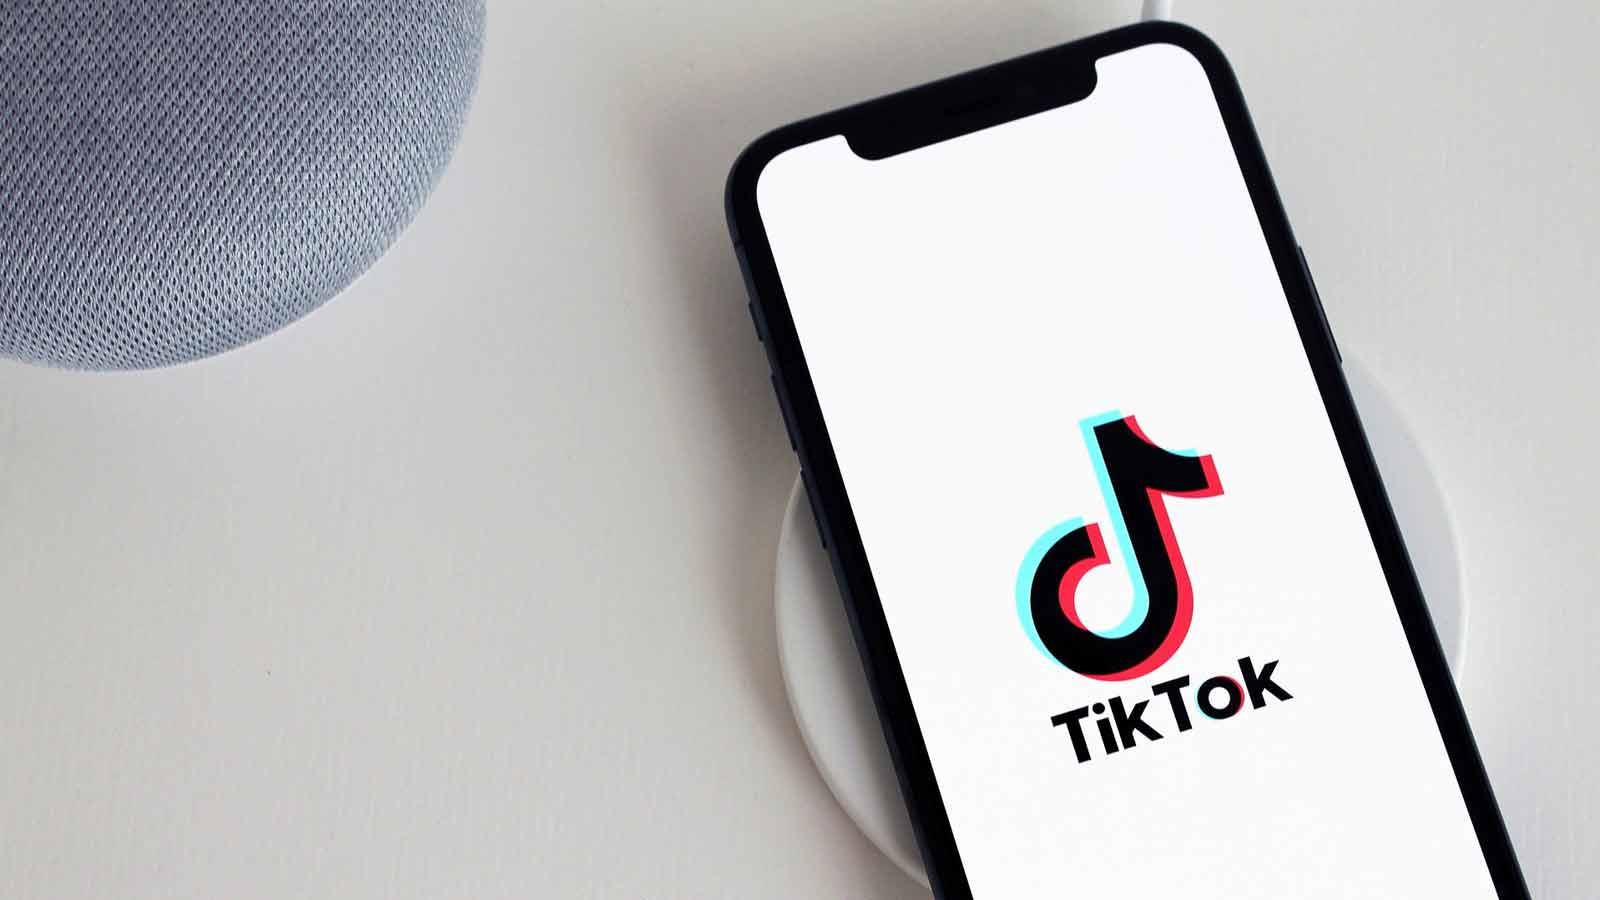 TikTok Paid Search Advertising